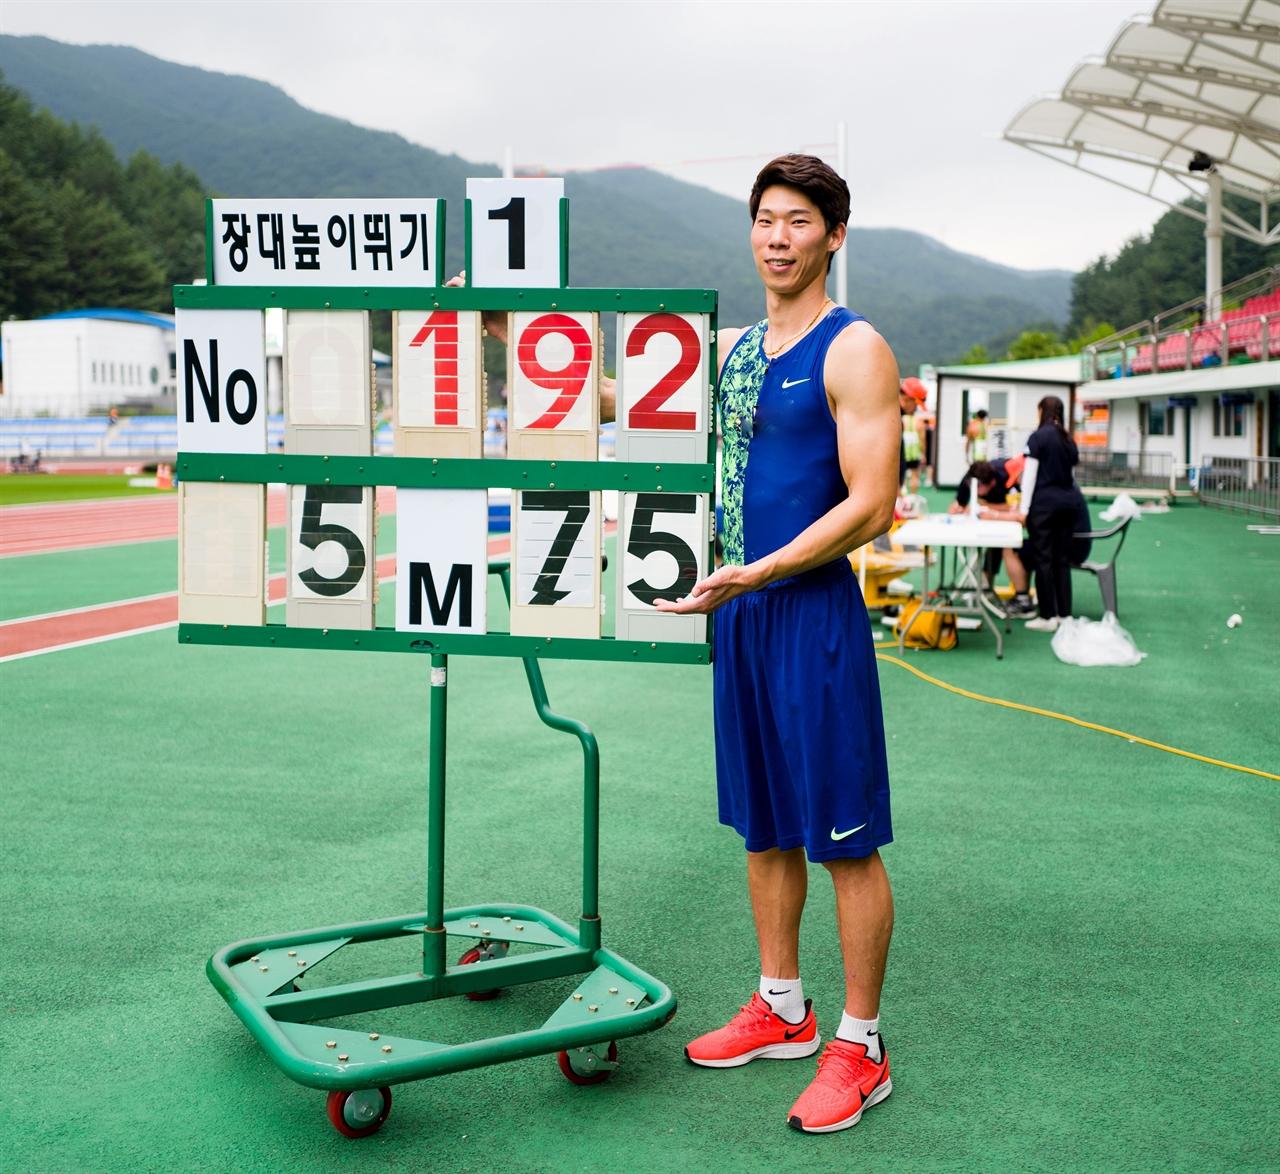 2019년 8월 장대높이뛰기에서 5m 75cm를 뛰어오르며 당시로서는 한국 신기록을 달성했던 진민섭 선수의 모습.